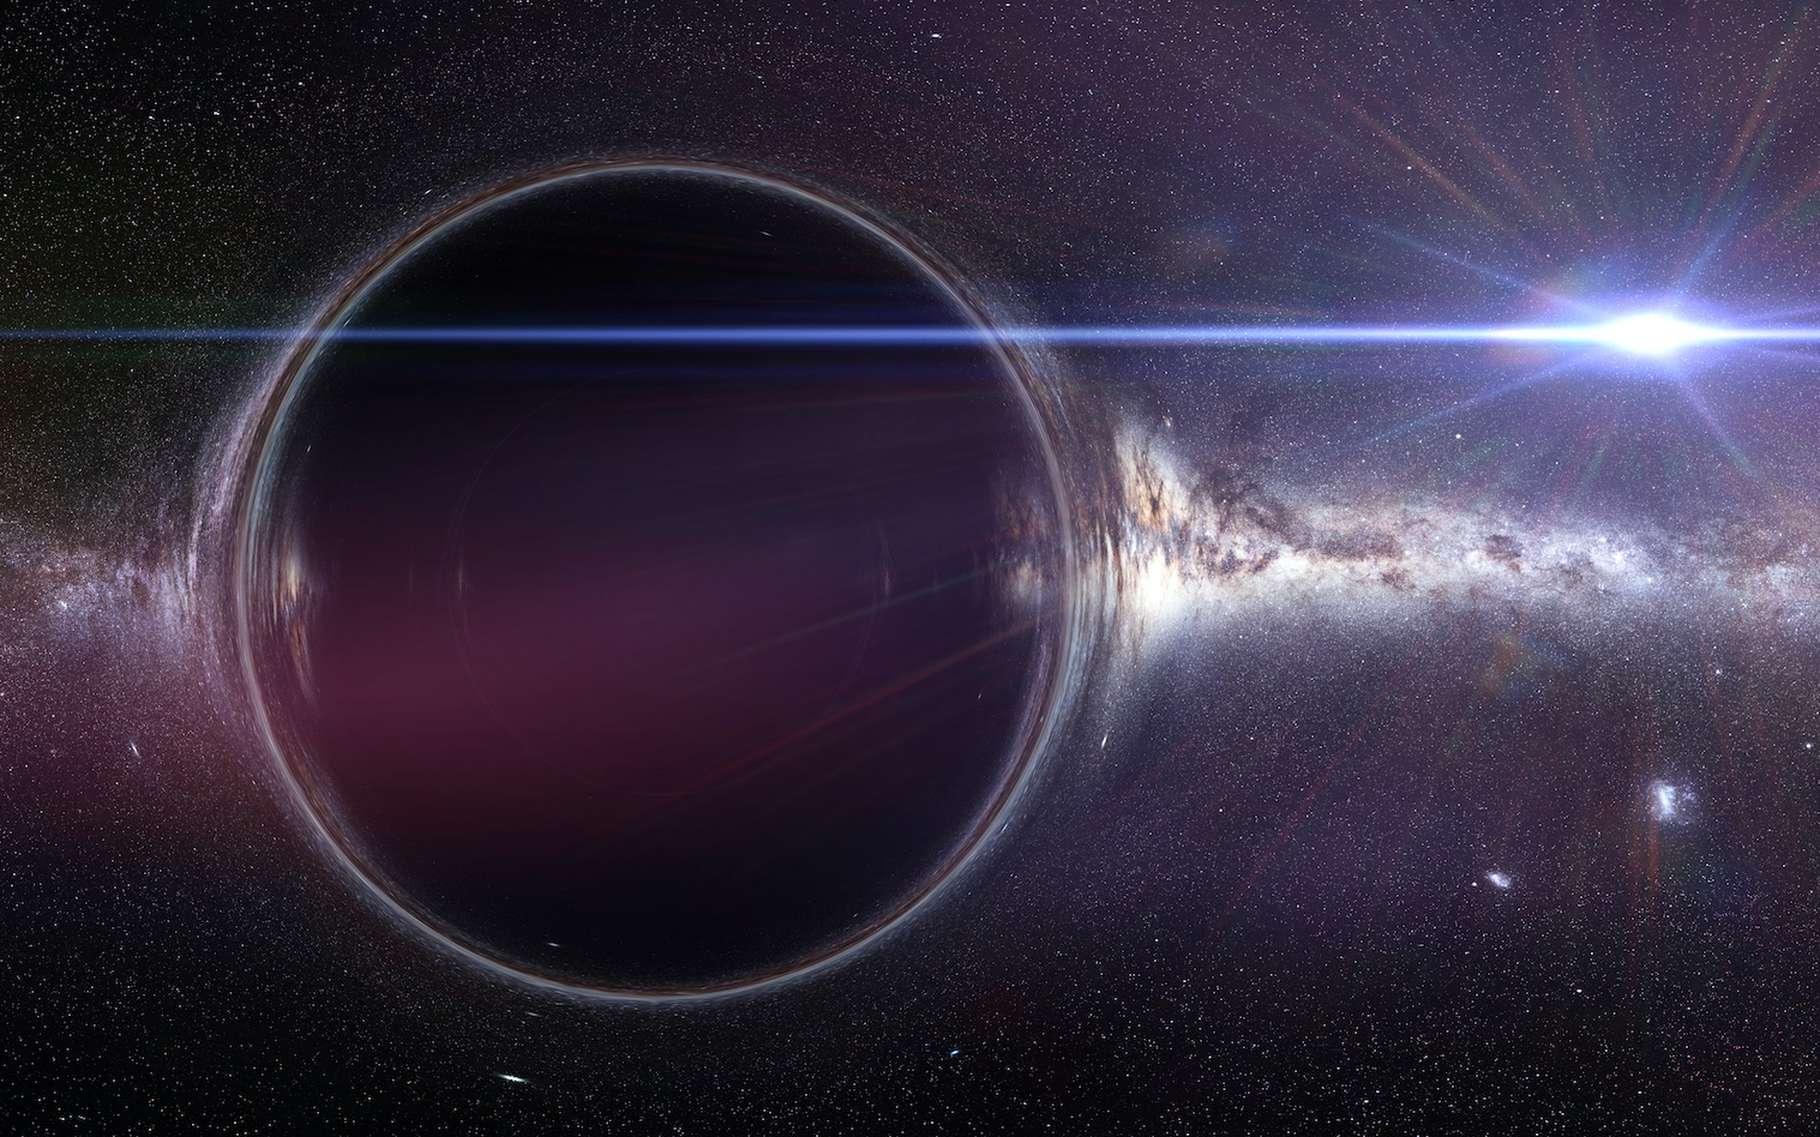 Le « battement de cœur » découvert du côté d'un trou noir supermassif en 2007 est toujours actif aujourd'hui. Les astronomes espèrent pouvoir en tirer des informations utiles quant à l'environnement de l'objet. © dottedyeti, Adobe Stock